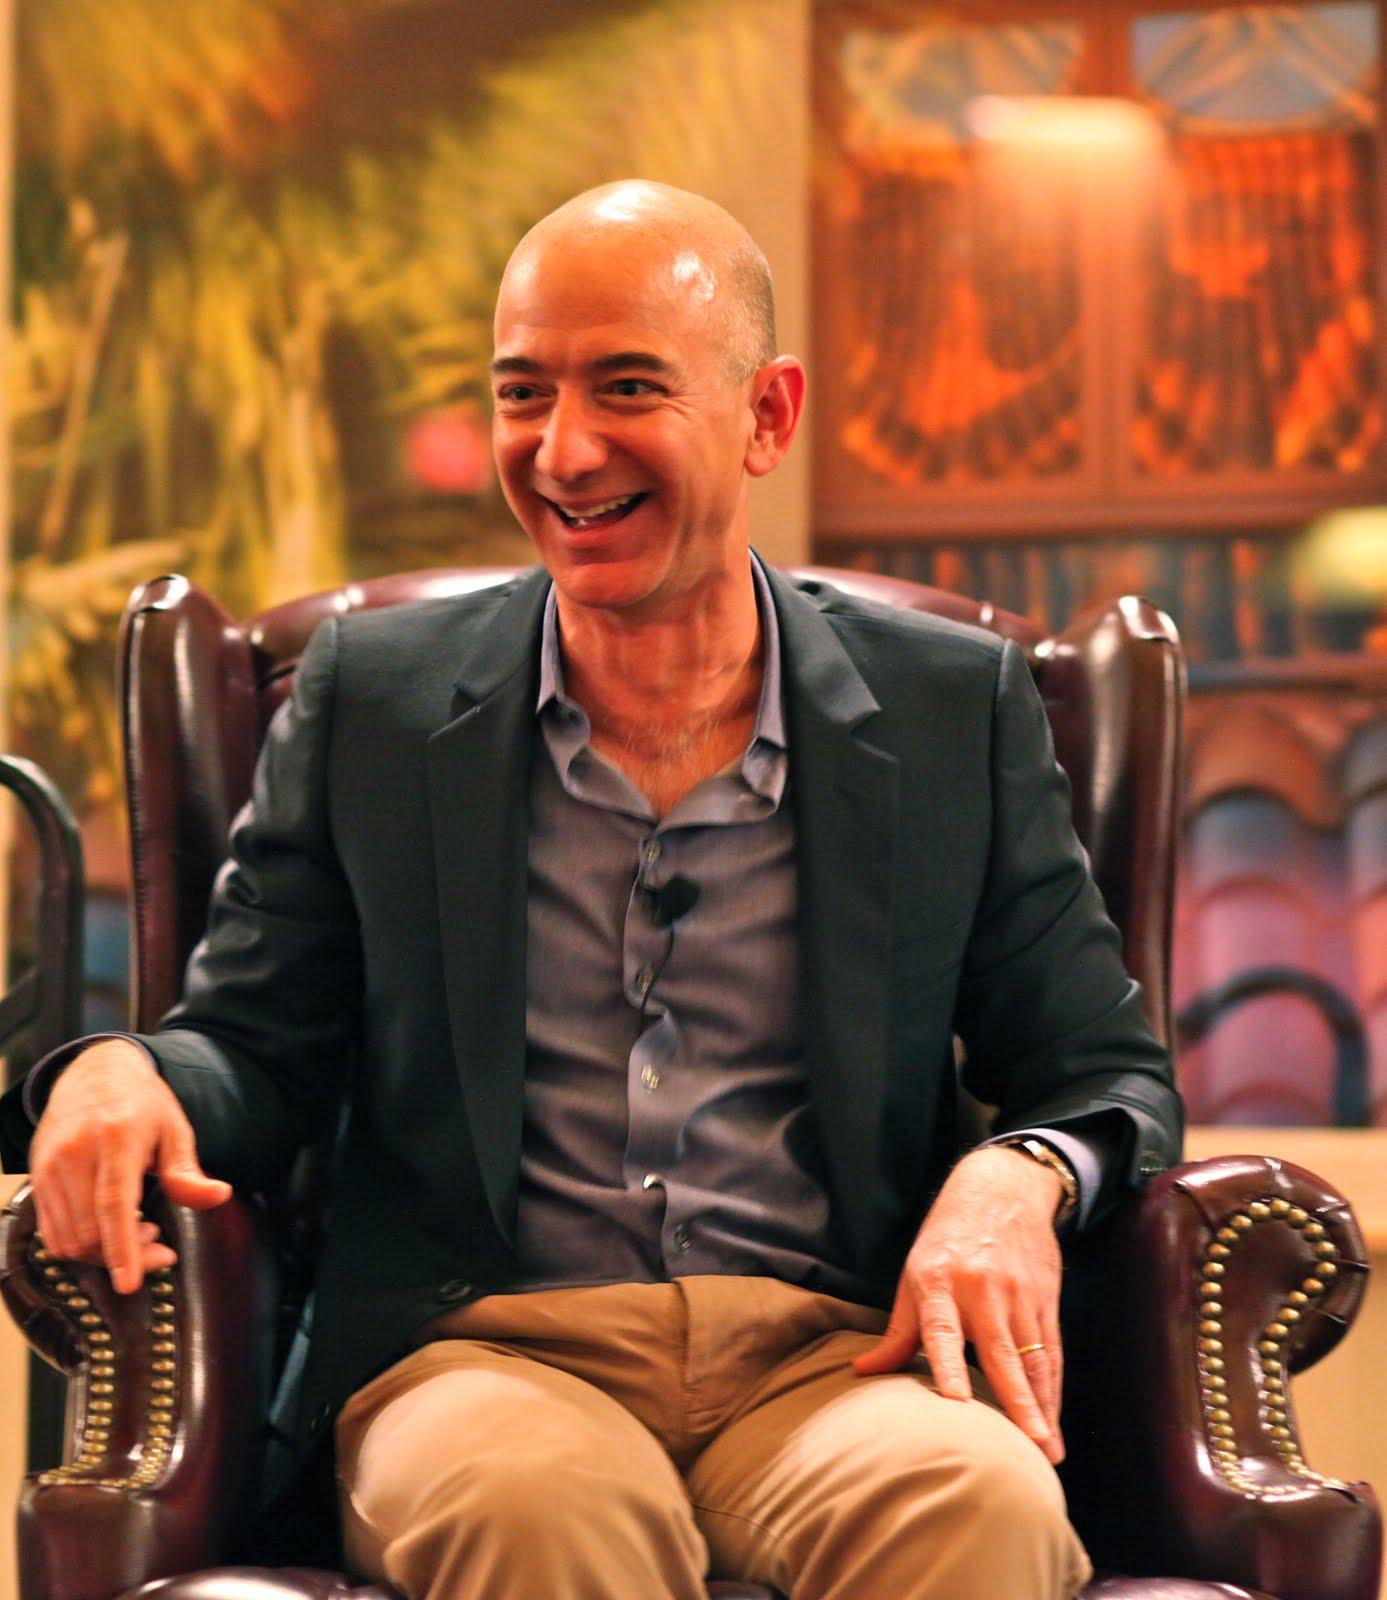 Queen Bezos IV